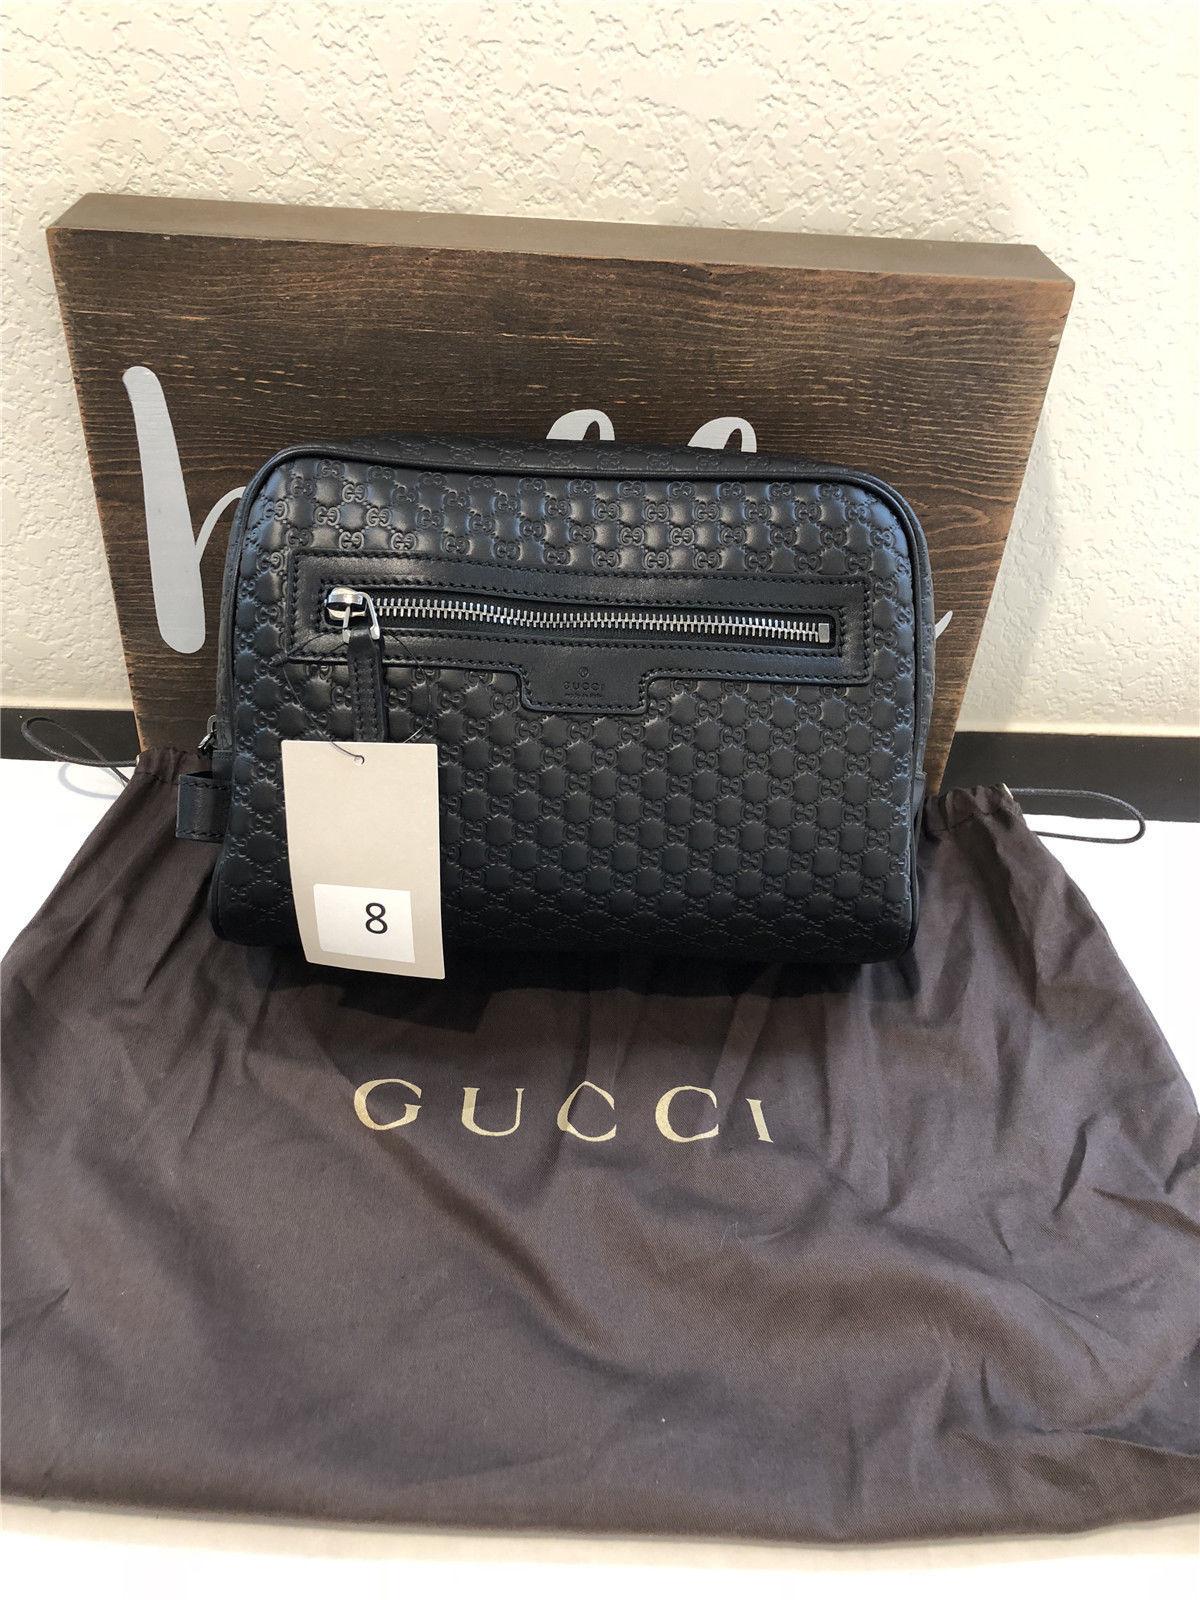 edd2e6296a6bf2 Gucci Men s 419775 Black Leather Micro GG Guccissima Large Toiletry Dopp  Bag -  406.73